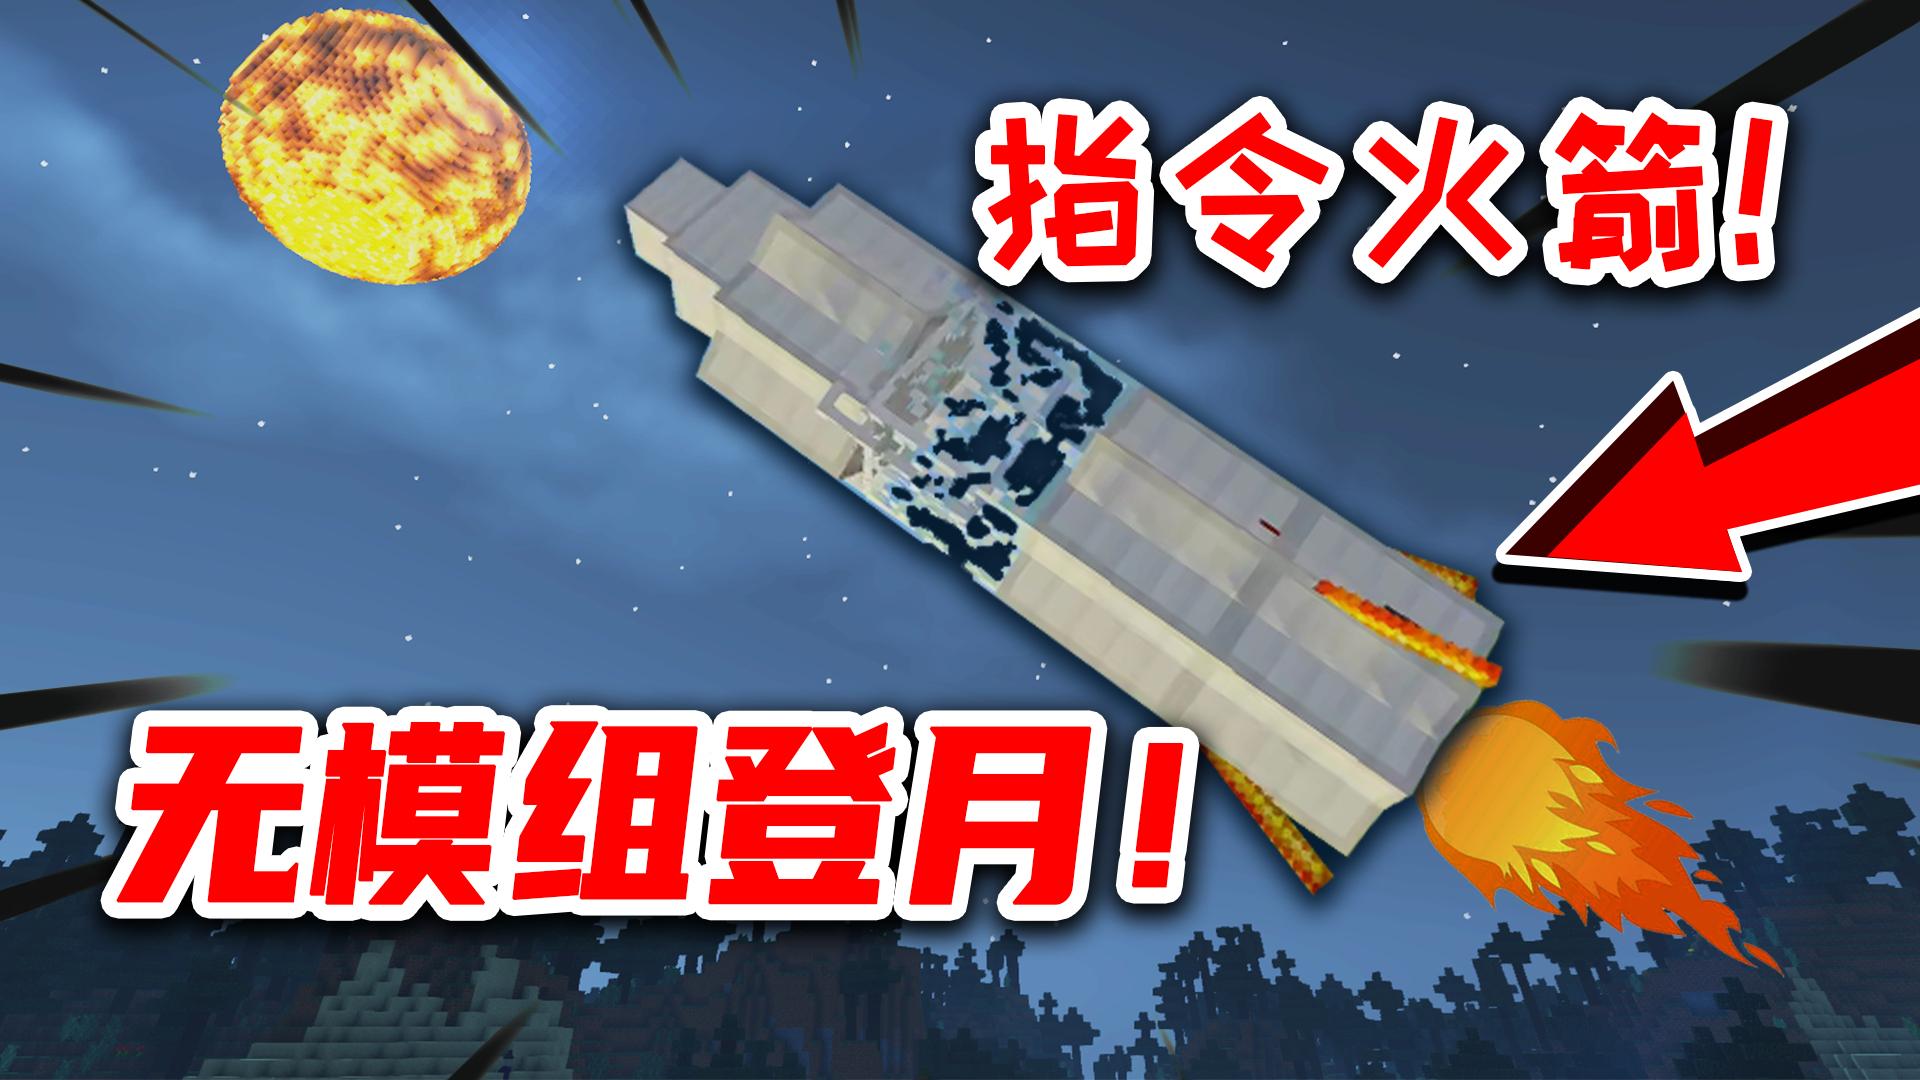 我的世界模组:无模组制作火箭?只需一个指令登月寻找稀有矿物!